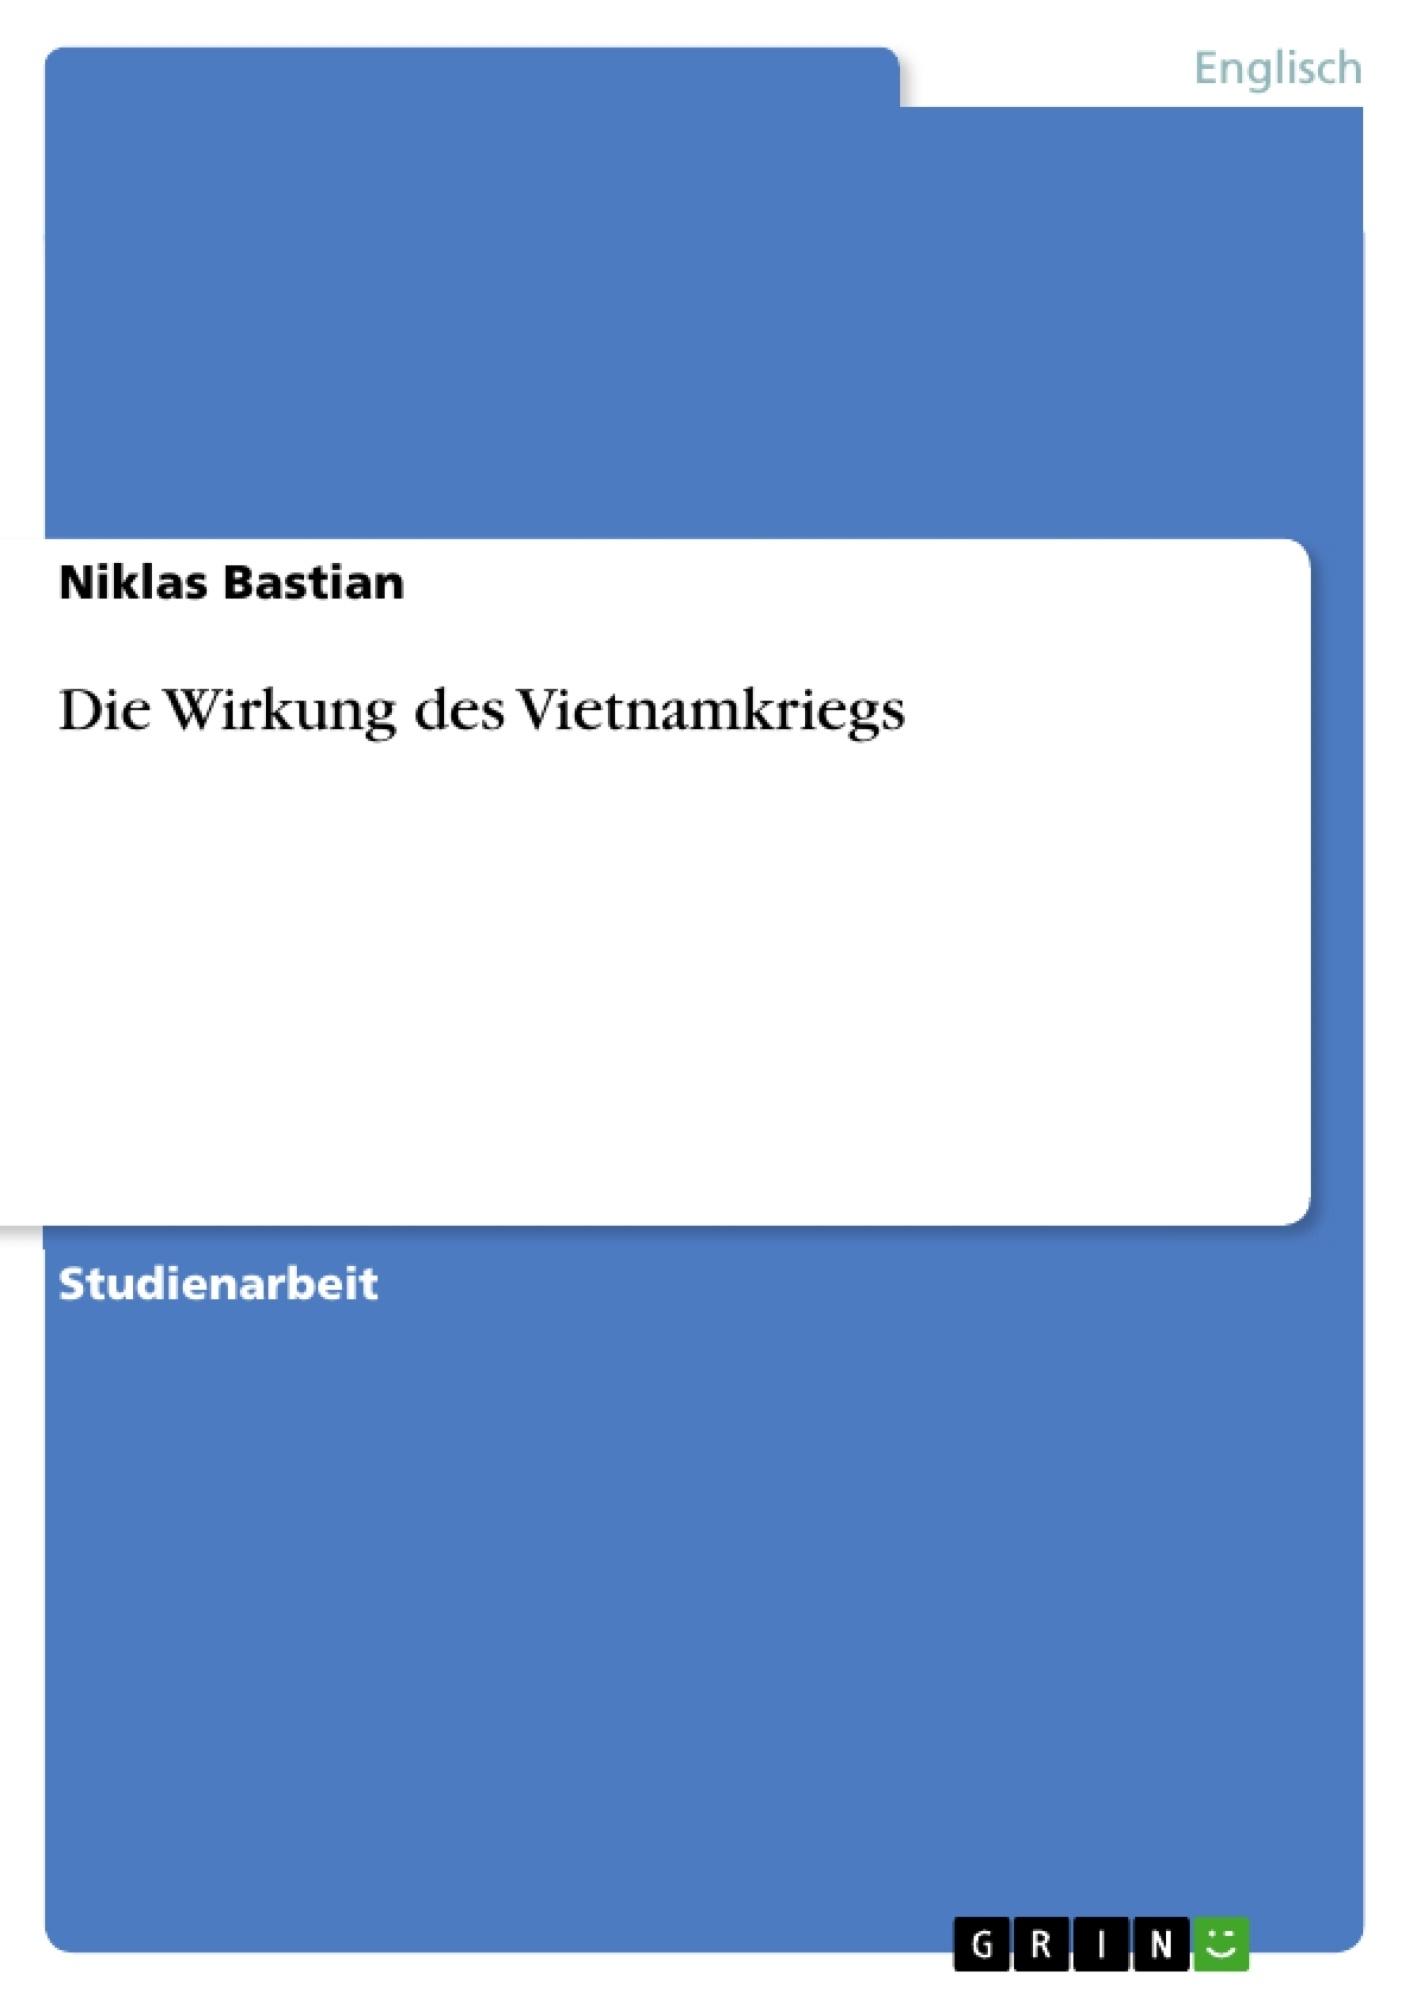 Titel: Die Wirkung des Vietnamkriegs